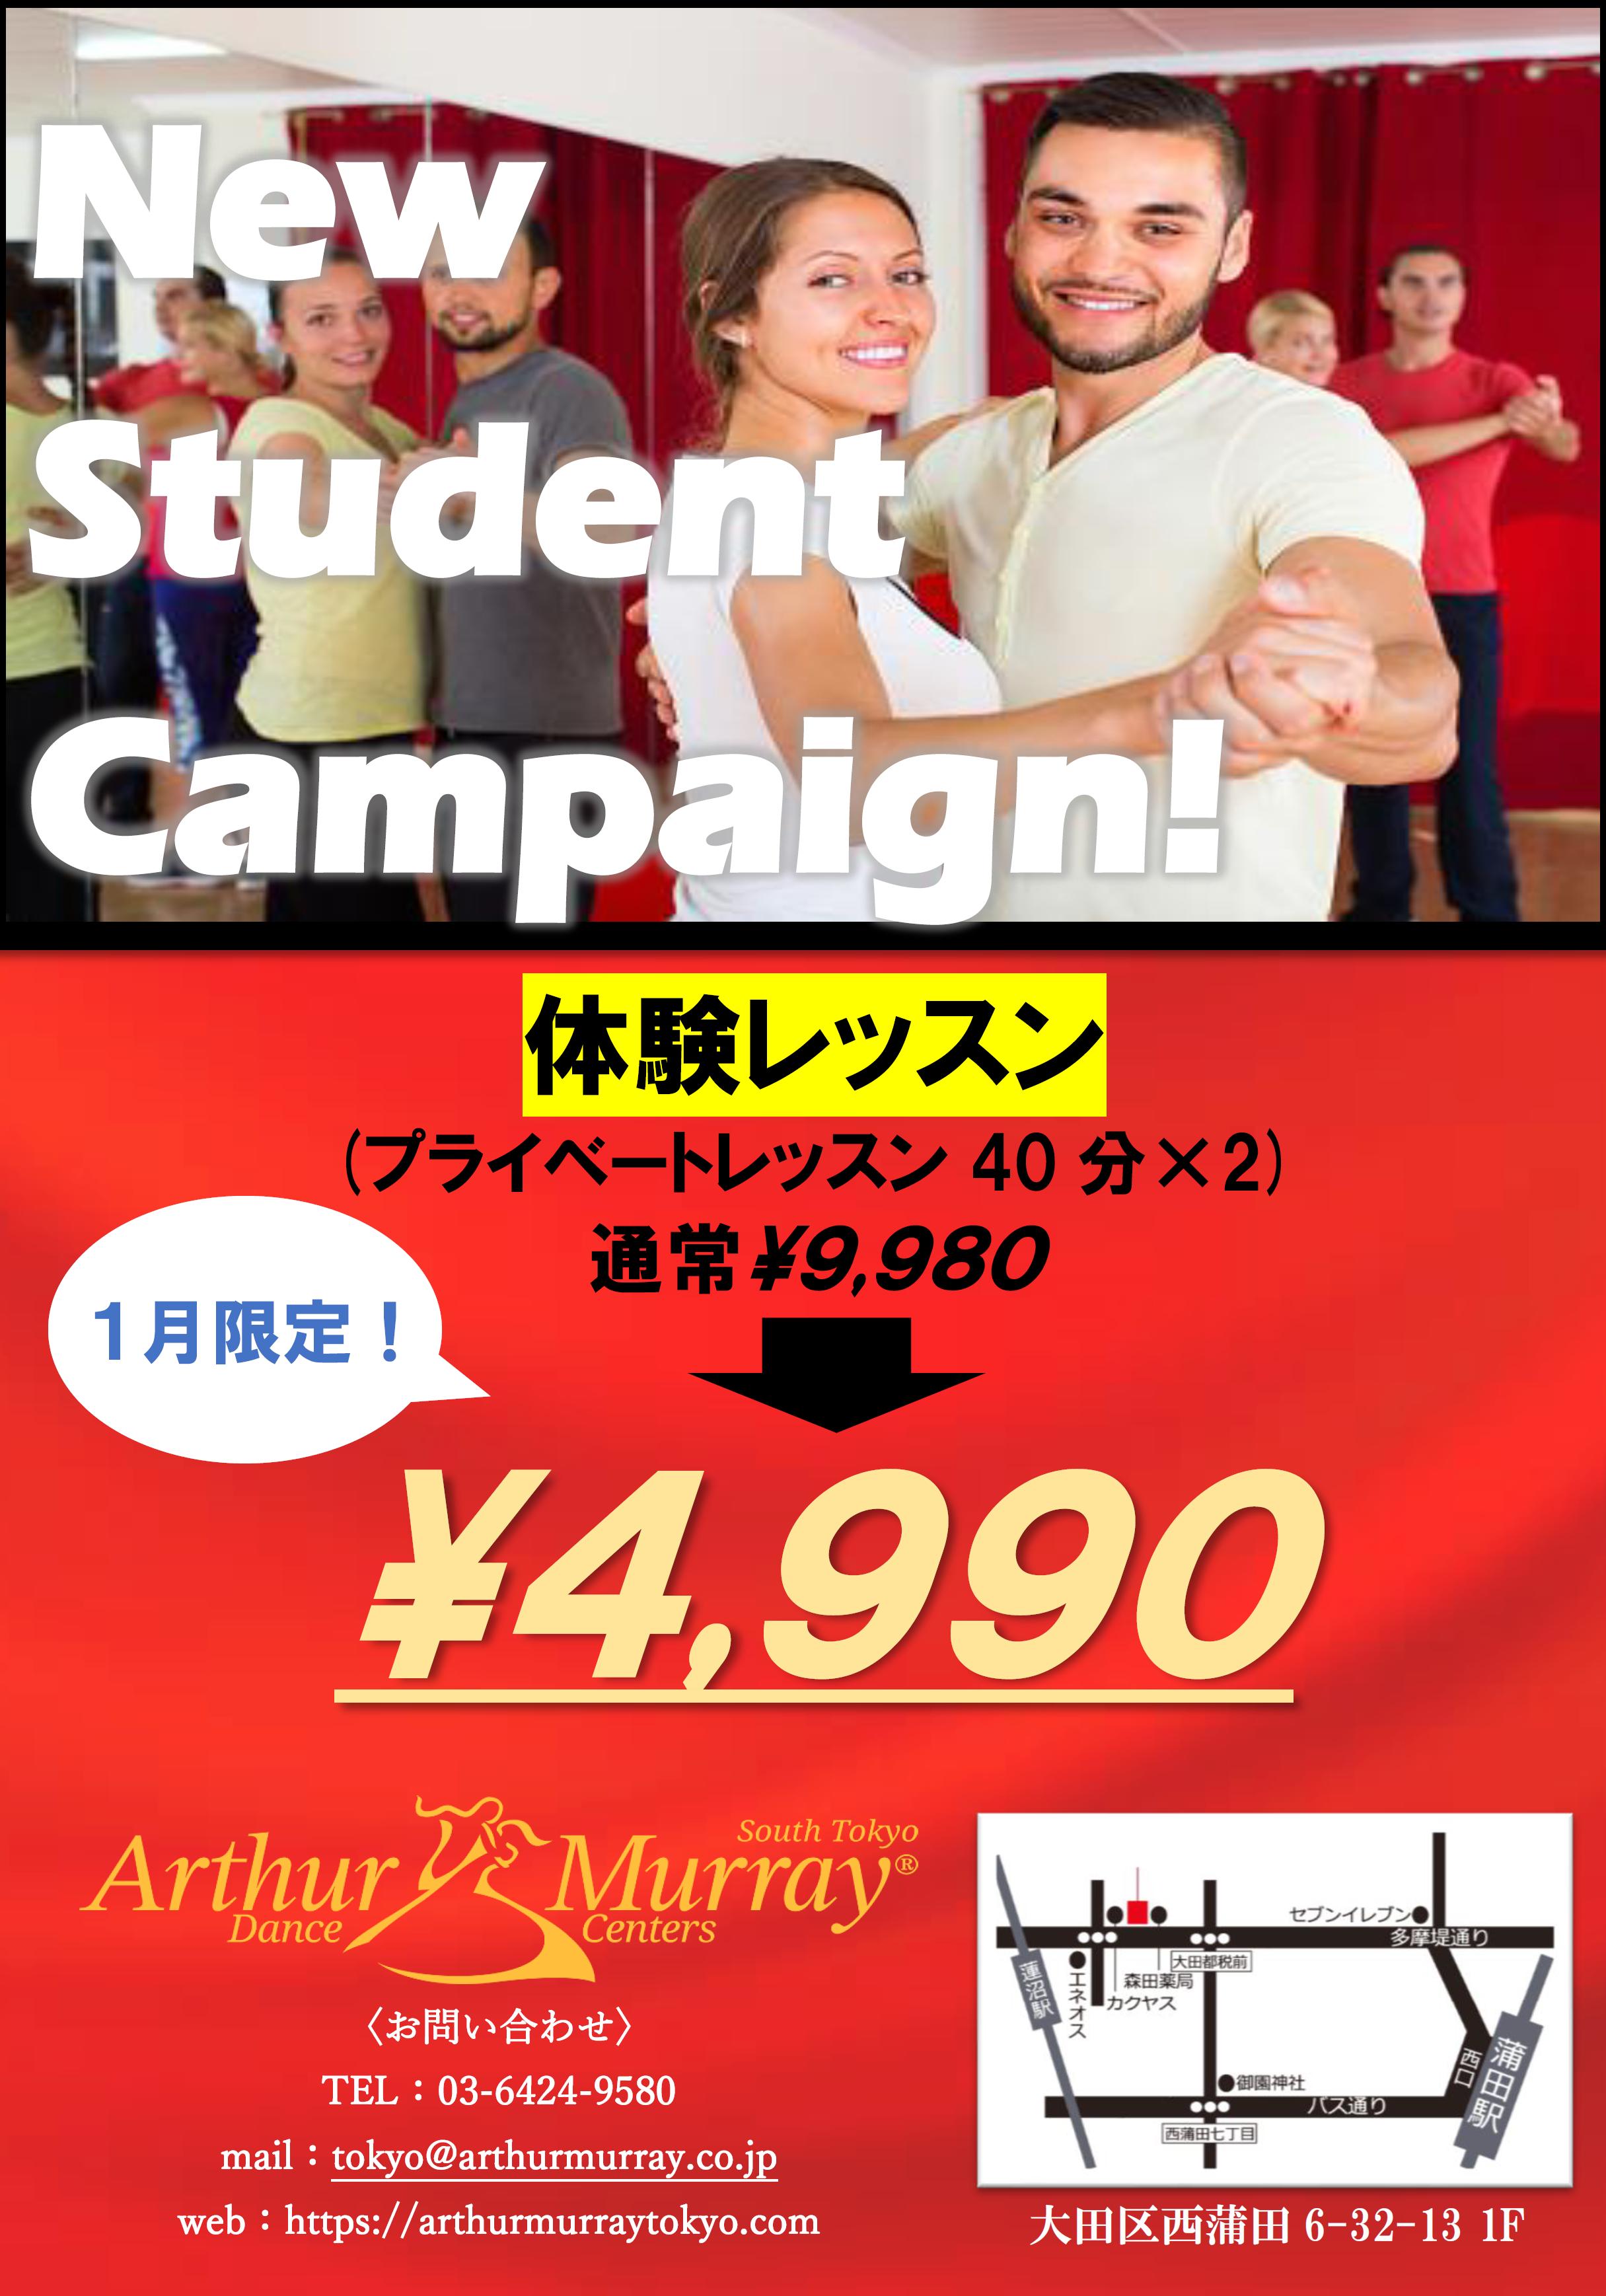 New Student キャンペーン!